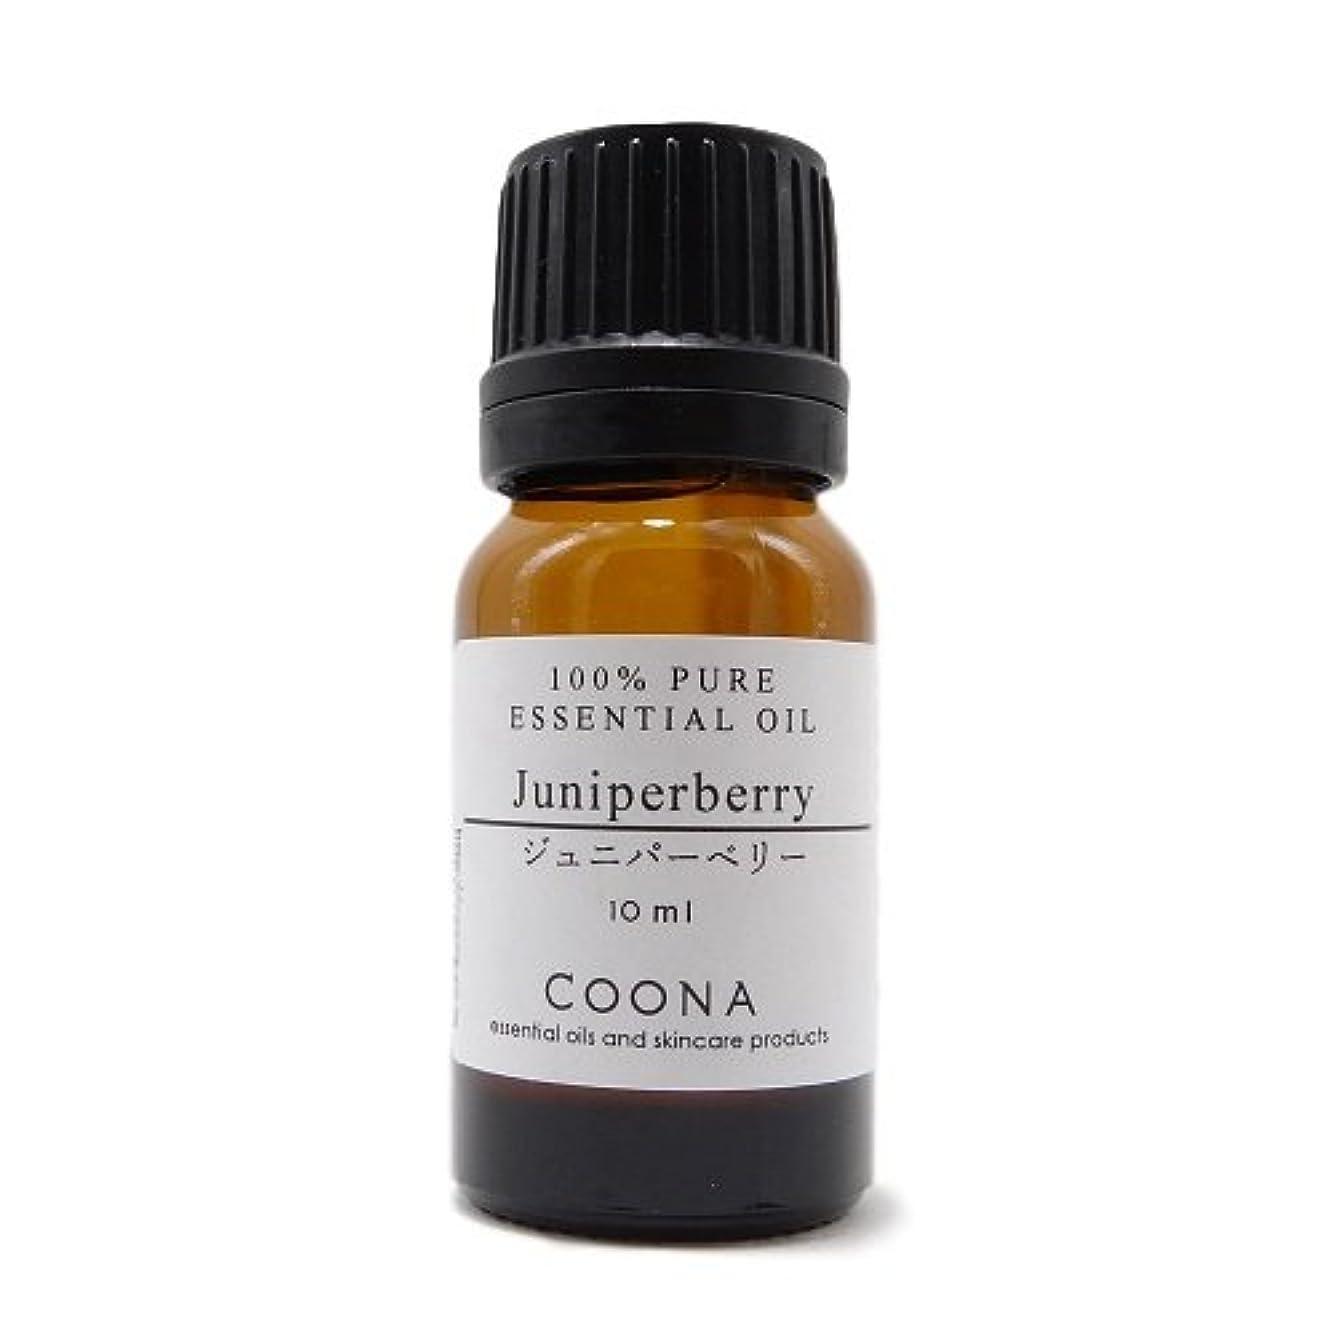 説得力のある愛されし者可愛いジュニパーベリー 10 ml (COONA エッセンシャルオイル アロマオイル 100%天然植物精油)